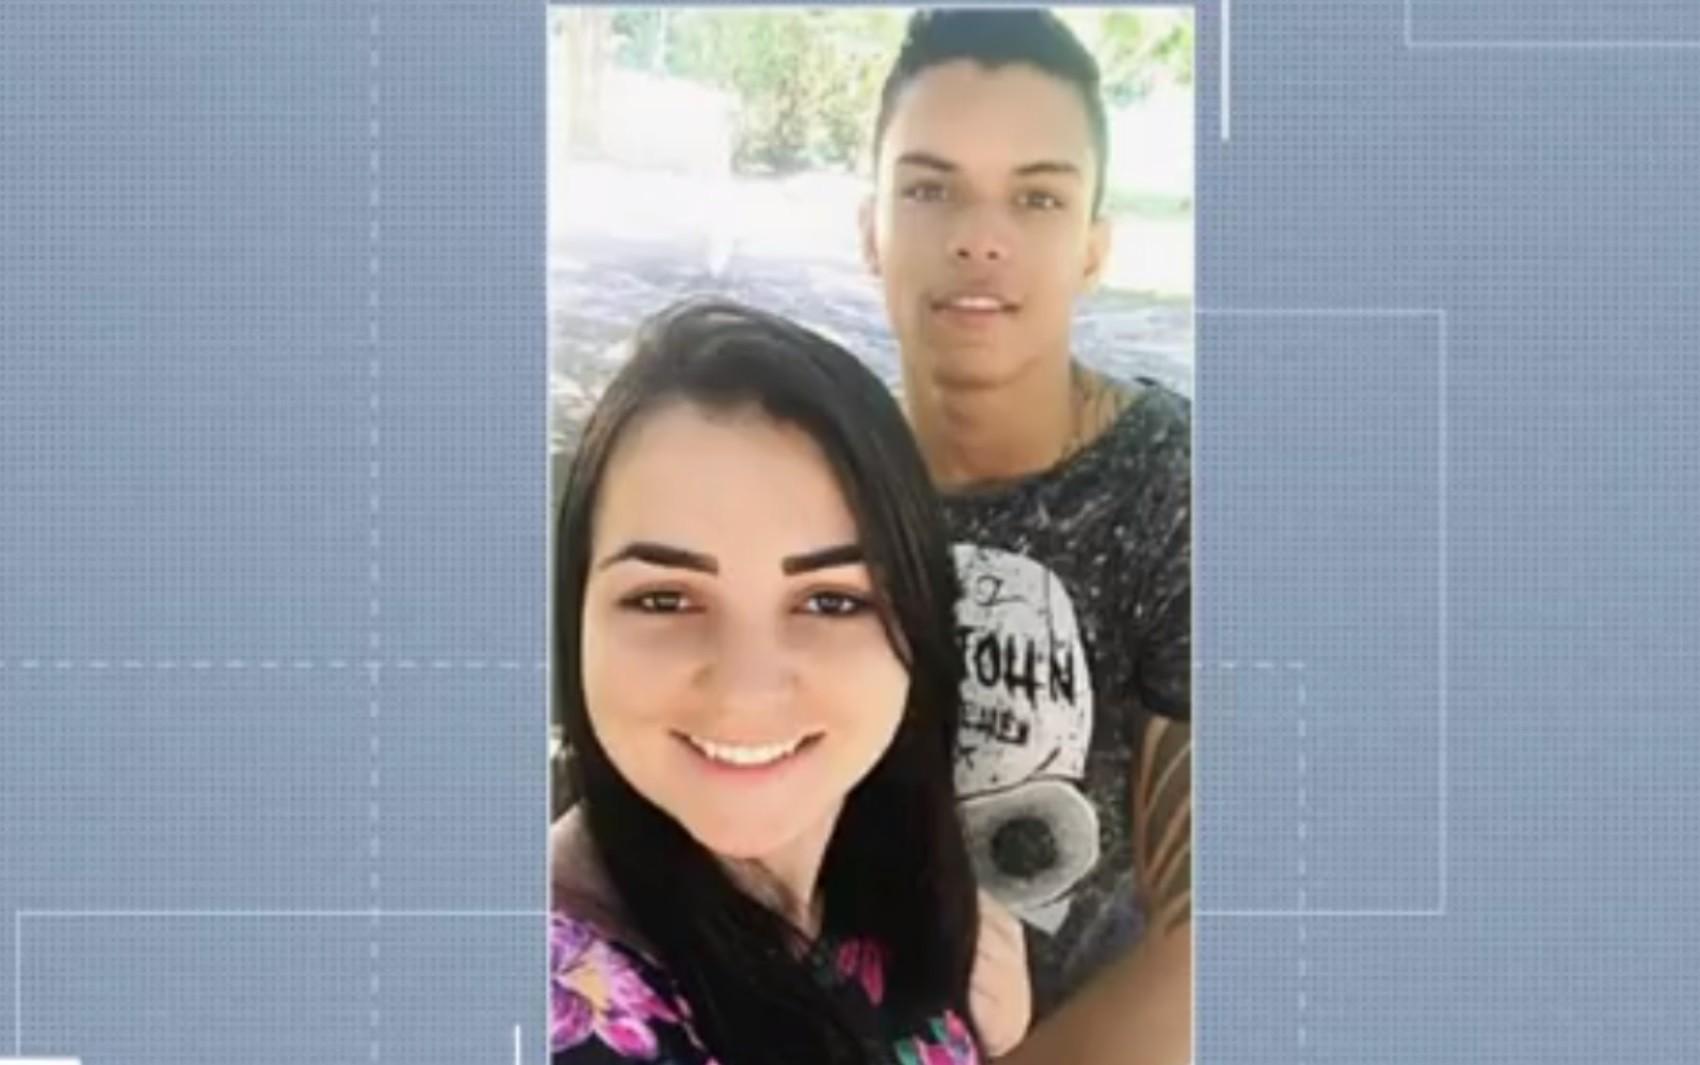 Vídeo mostra acidente entre motos que terminou com a morte de jovem e deixou a mulher dele ferida, em Goiânia